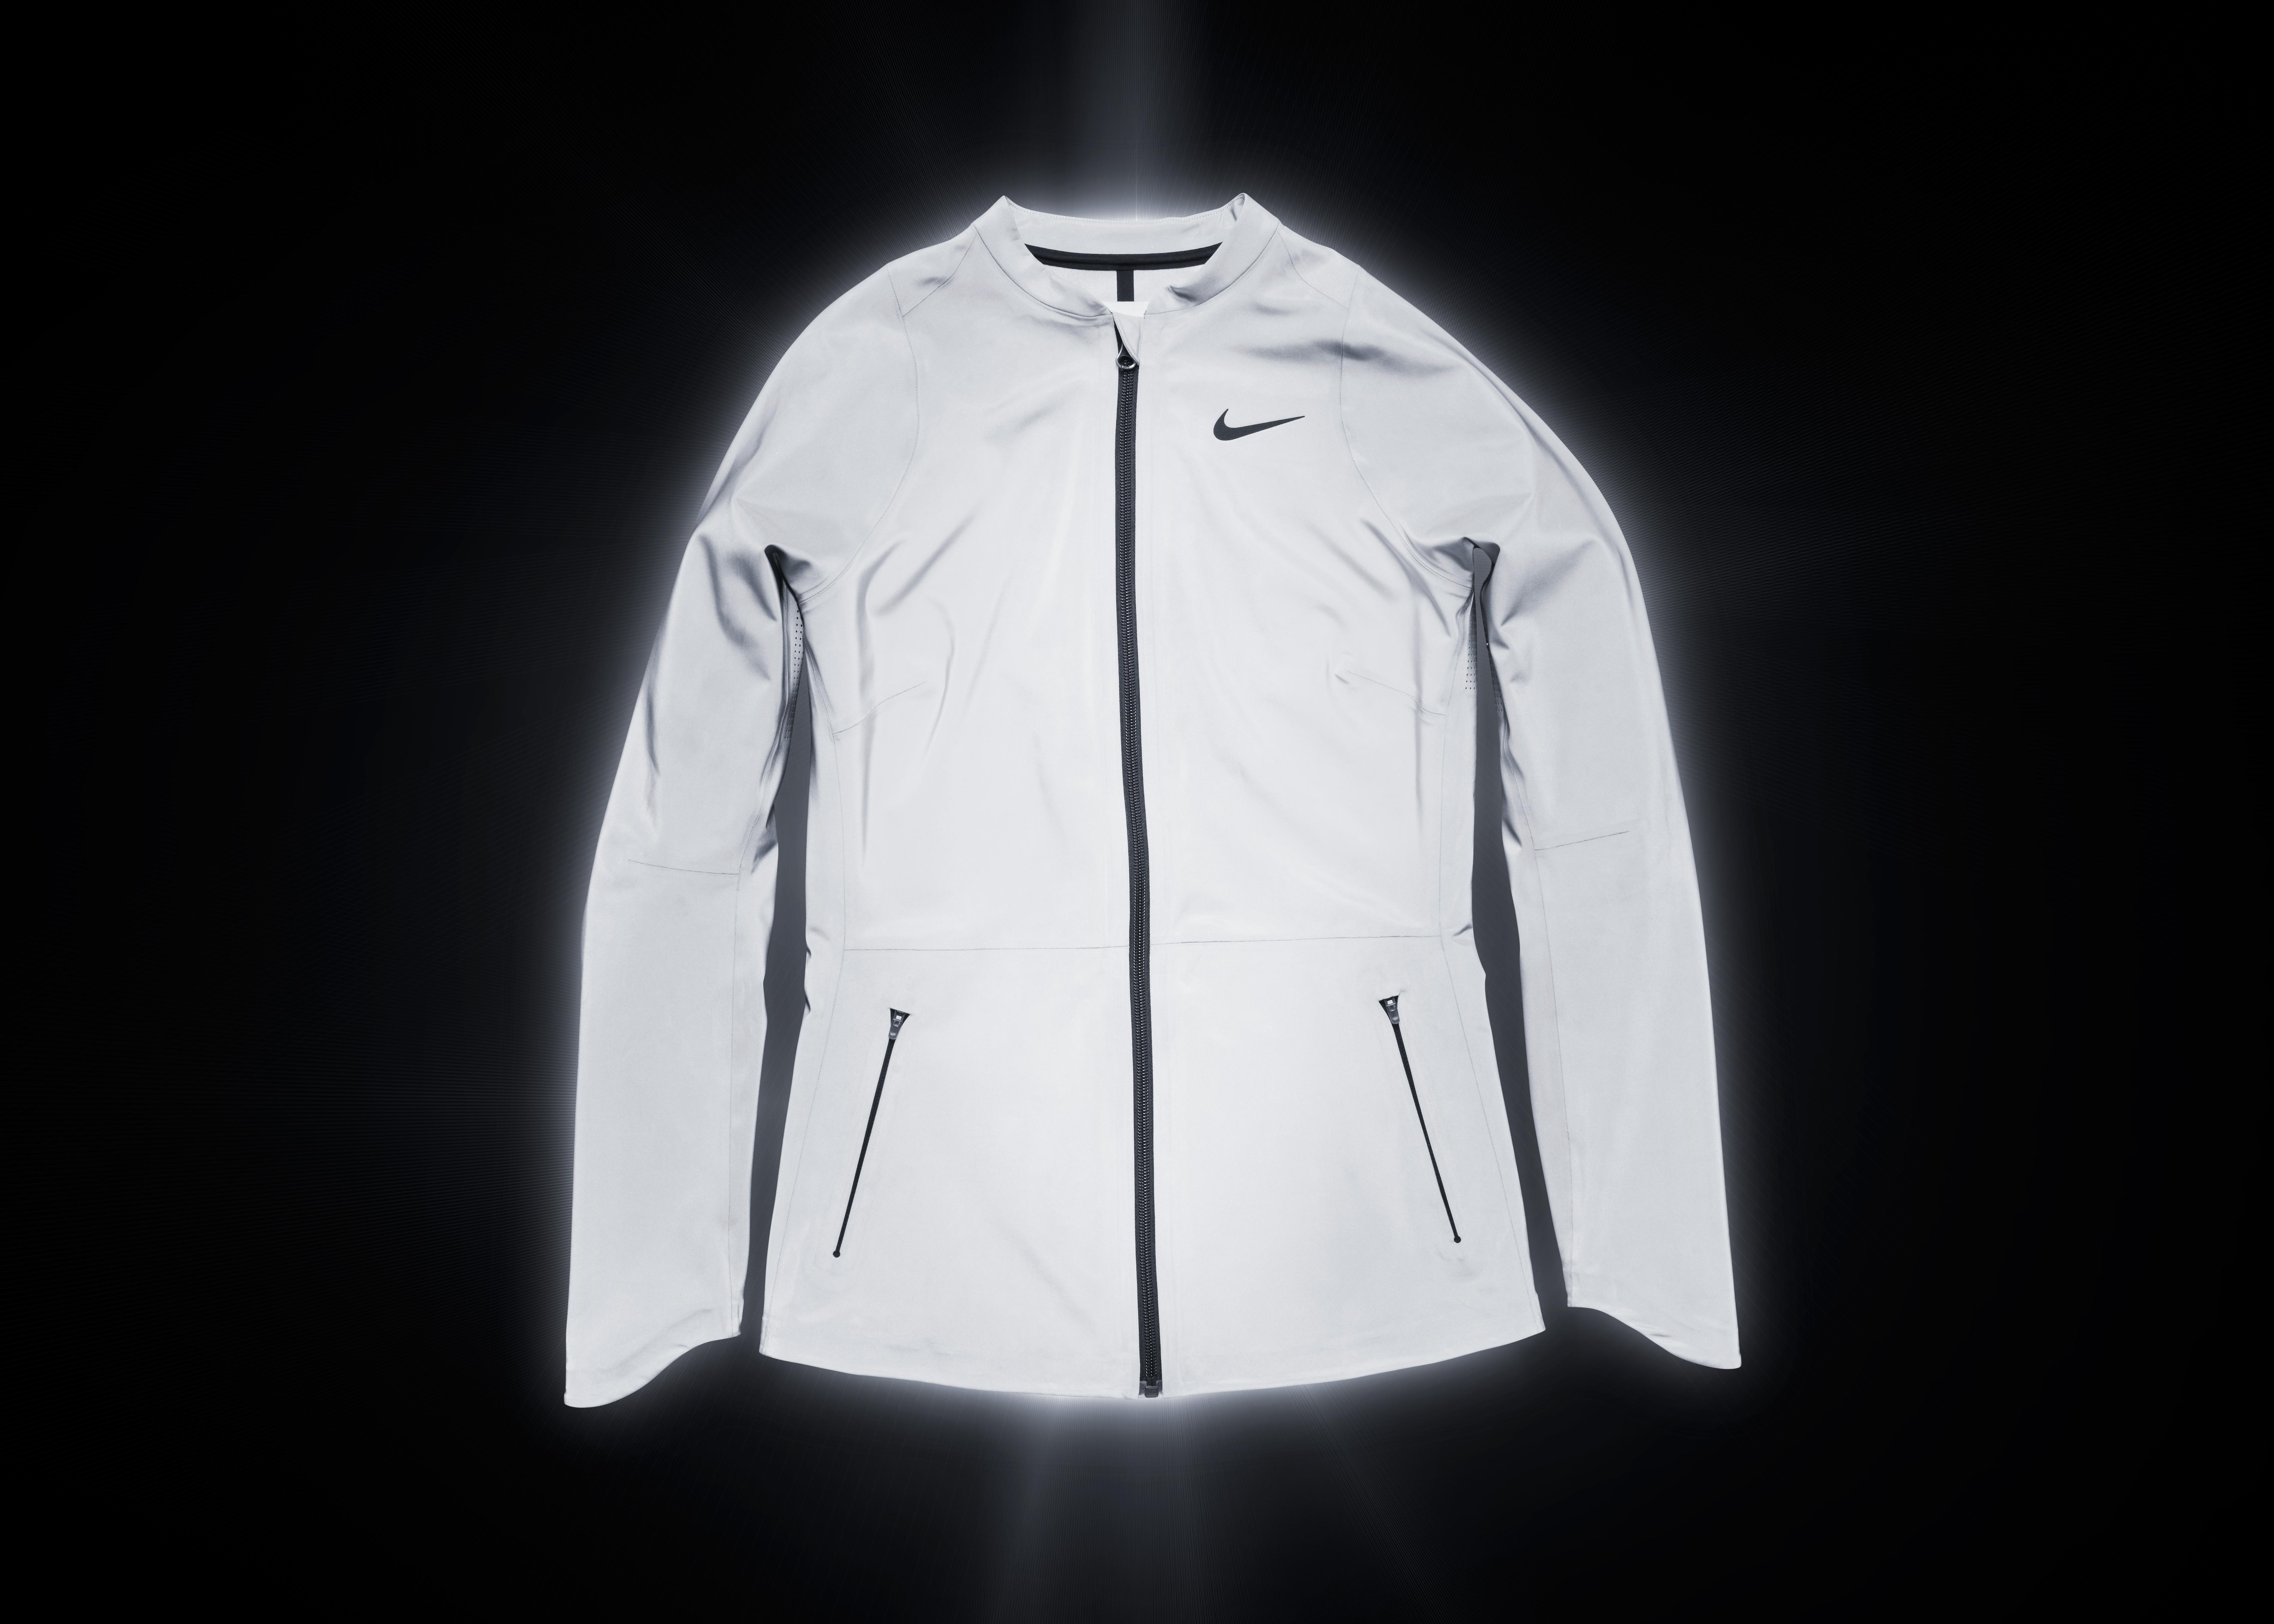 Nike jacket flash - Lo Hi